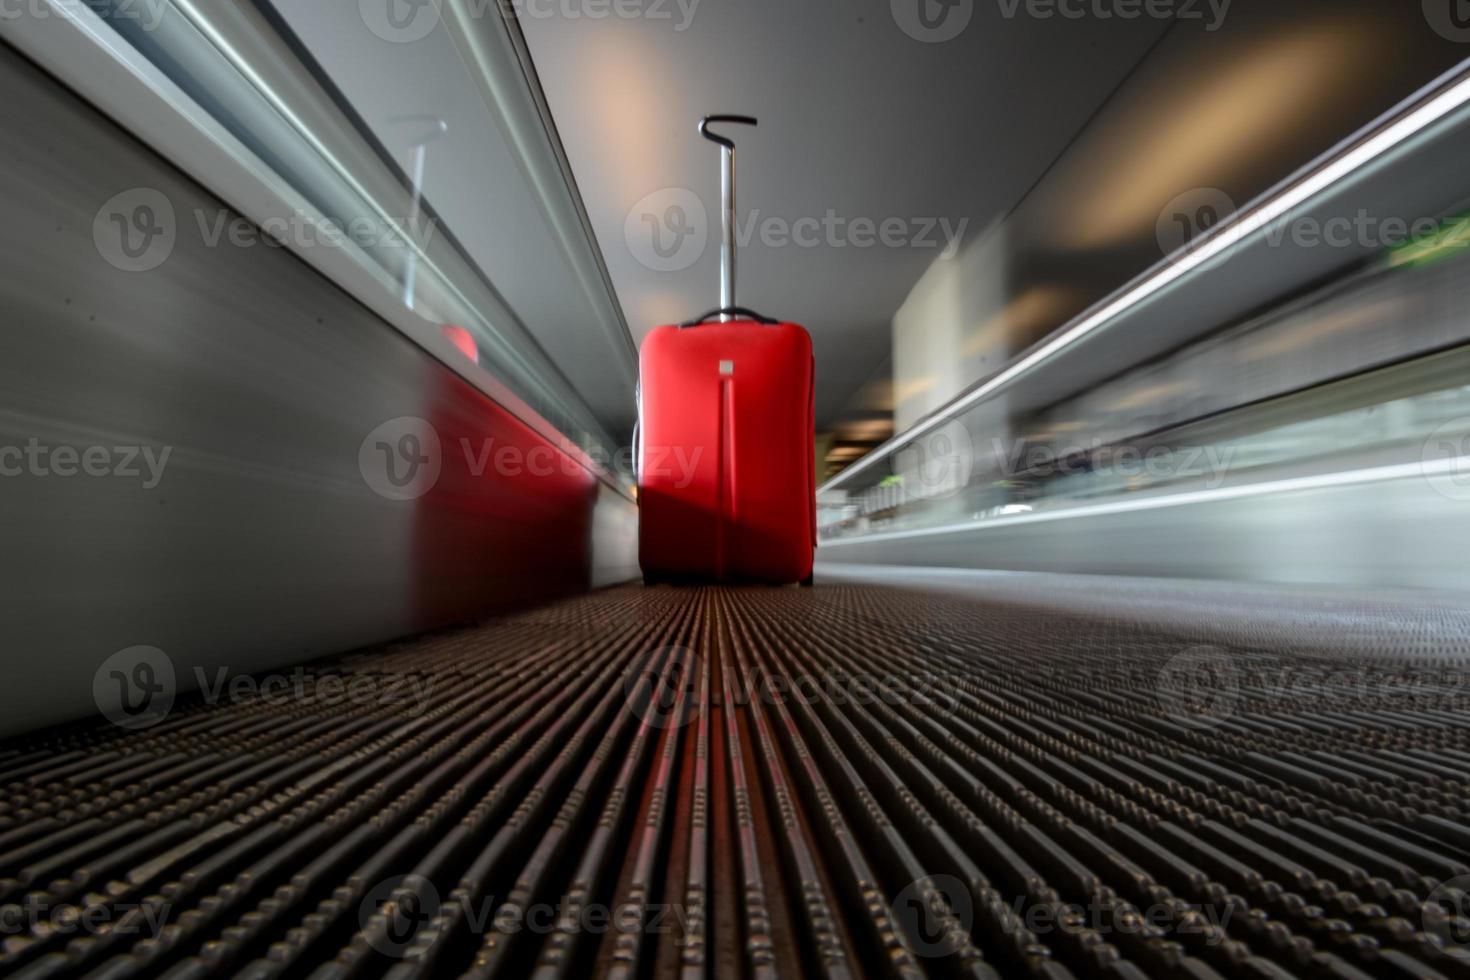 Escalier mécanique en mouvement floue avec chariot rouge à l'aéroport photo